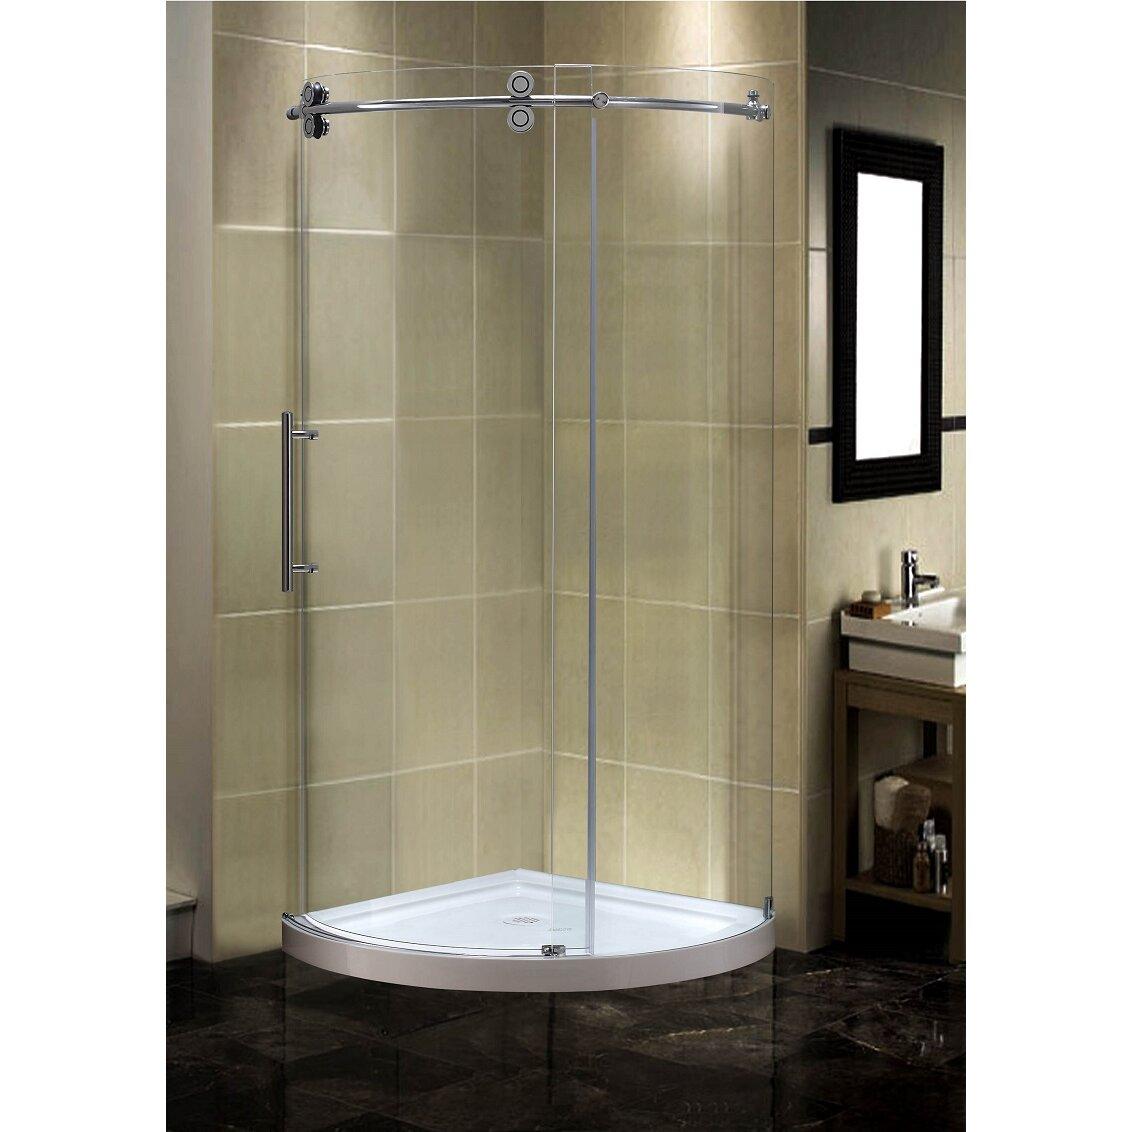 Aston Orbitus  X  X  Completely Frameless Round Shower - 36 x 36 corner shower stall